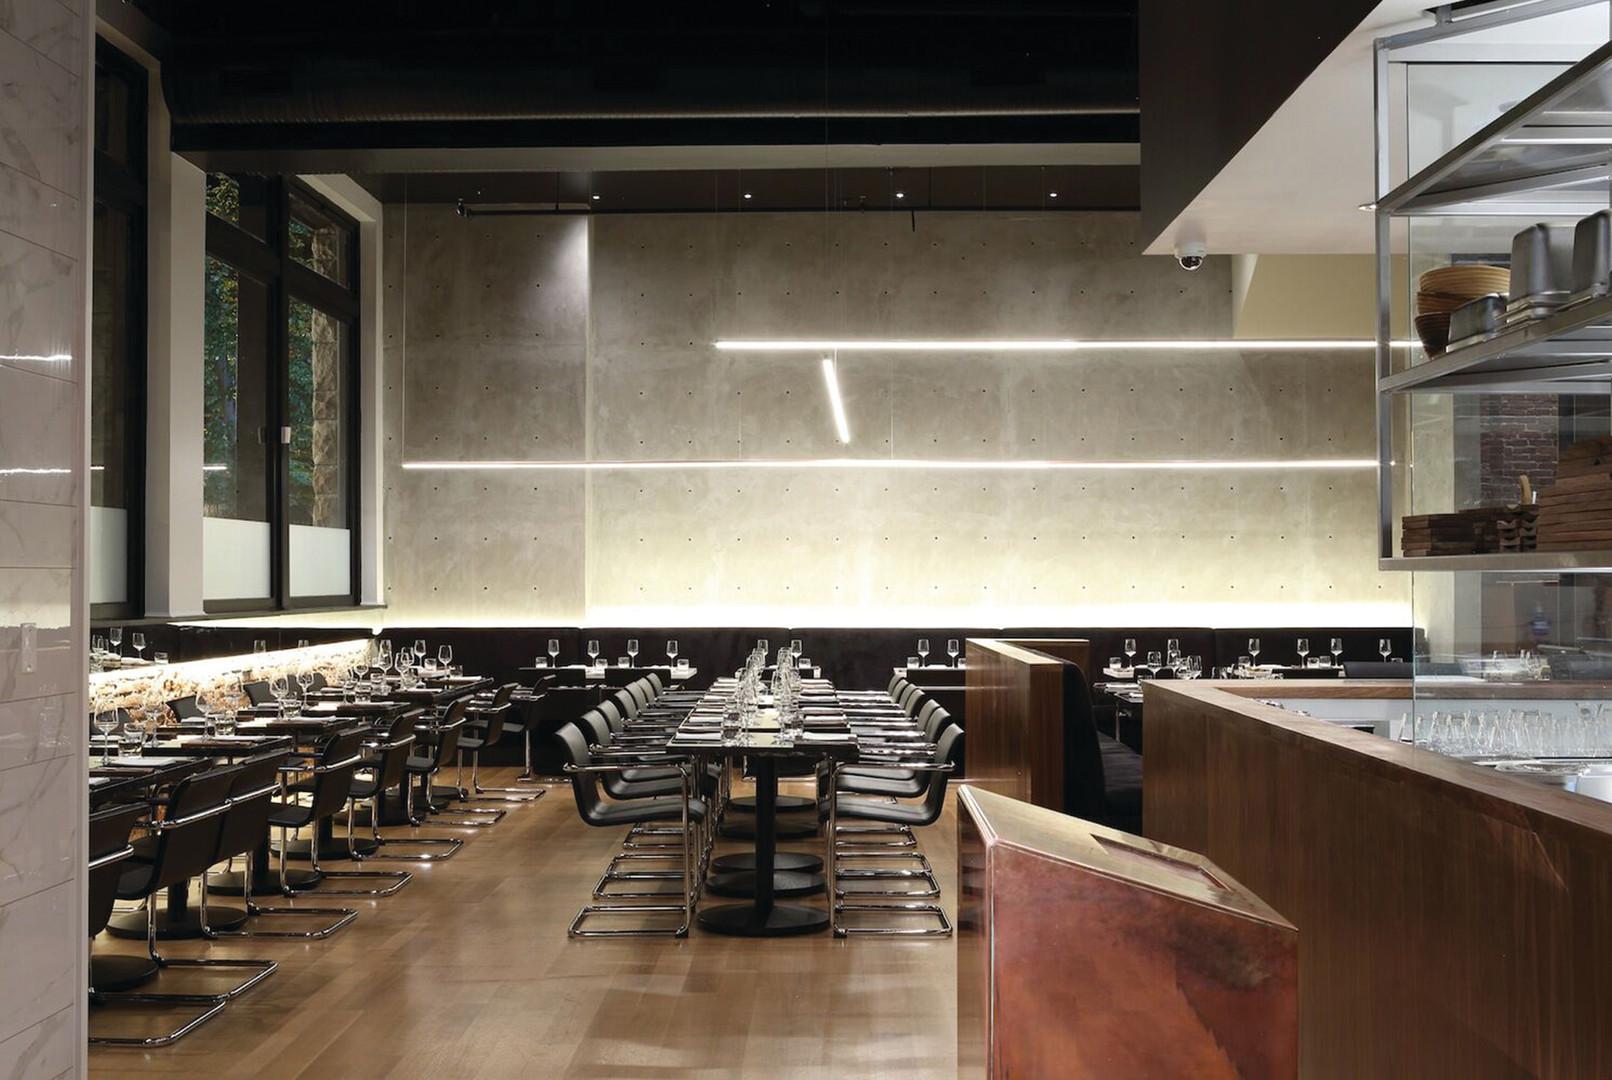 INTERIOR DESIGN, Commercial: Bauhaus Restaurant